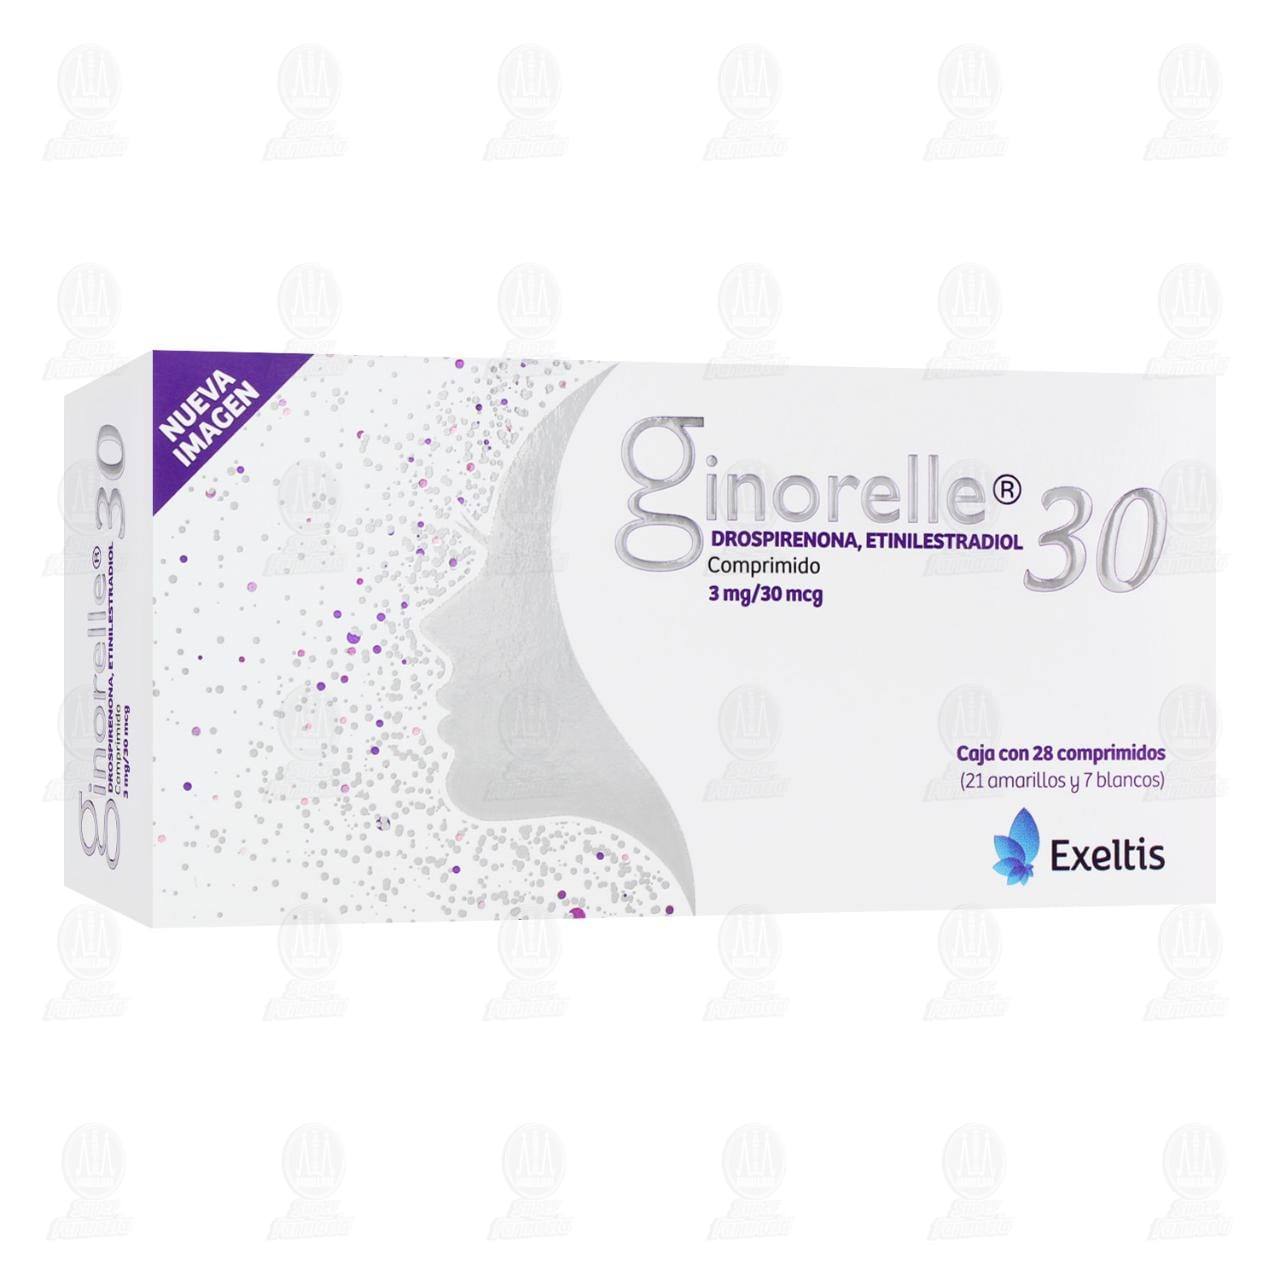 Comprar Ginorelle 30mcg/3mg 28 Comprimidos en Farmacias Guadalajara